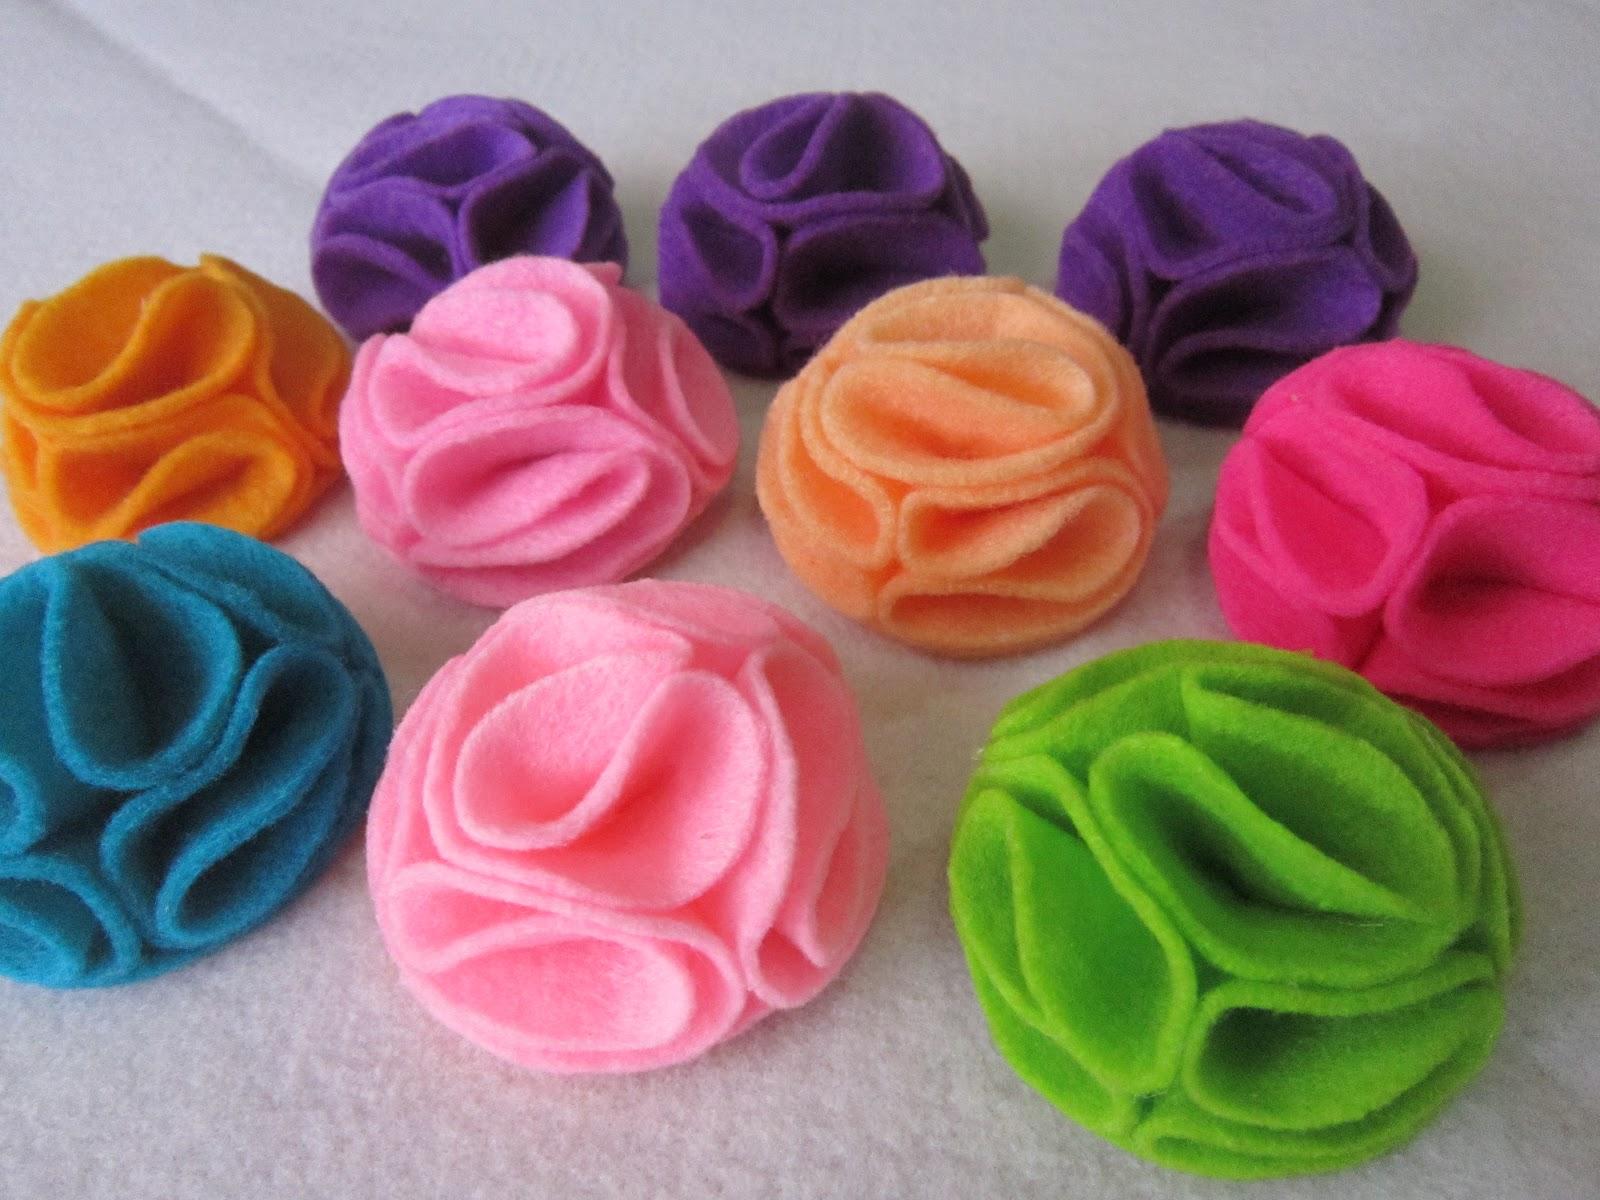 Related : gambar bros bunga dari kain flanel